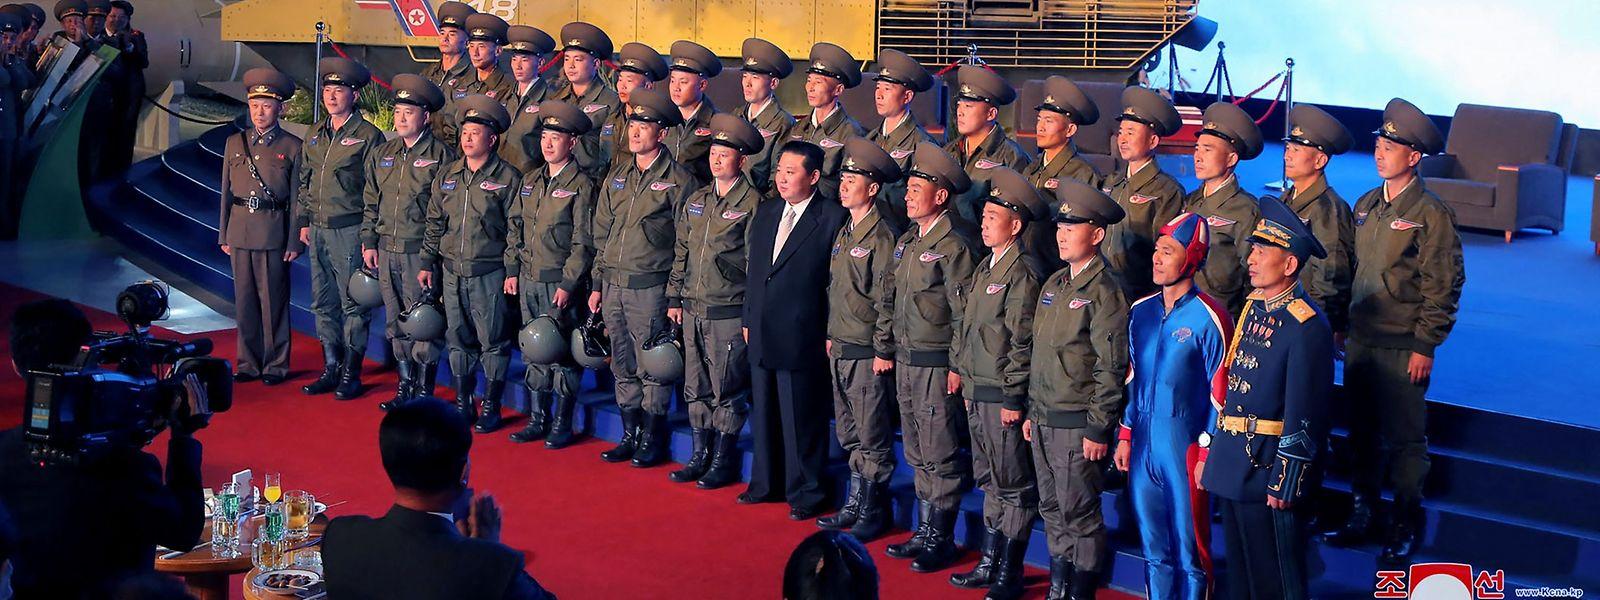 Ein seltsames Detail auf einem Foto von Kim Jong-un sorgt in den sozialen Medien für Aufregung.